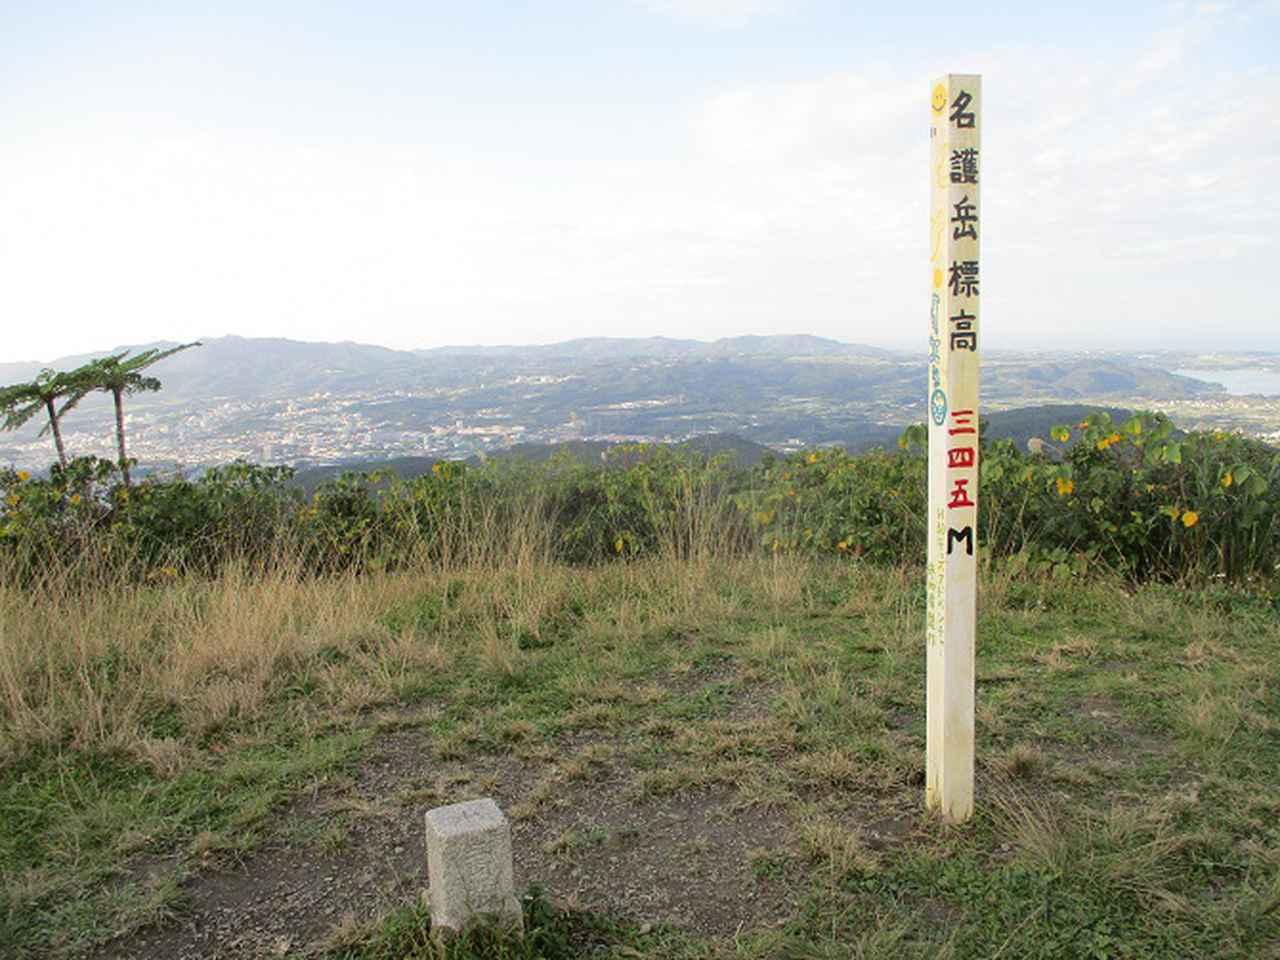 画像11: 1月の山旅会 「沖縄 グスク巡り・伊江島城山・名護岳」 ツアーの下見に行ってきました!